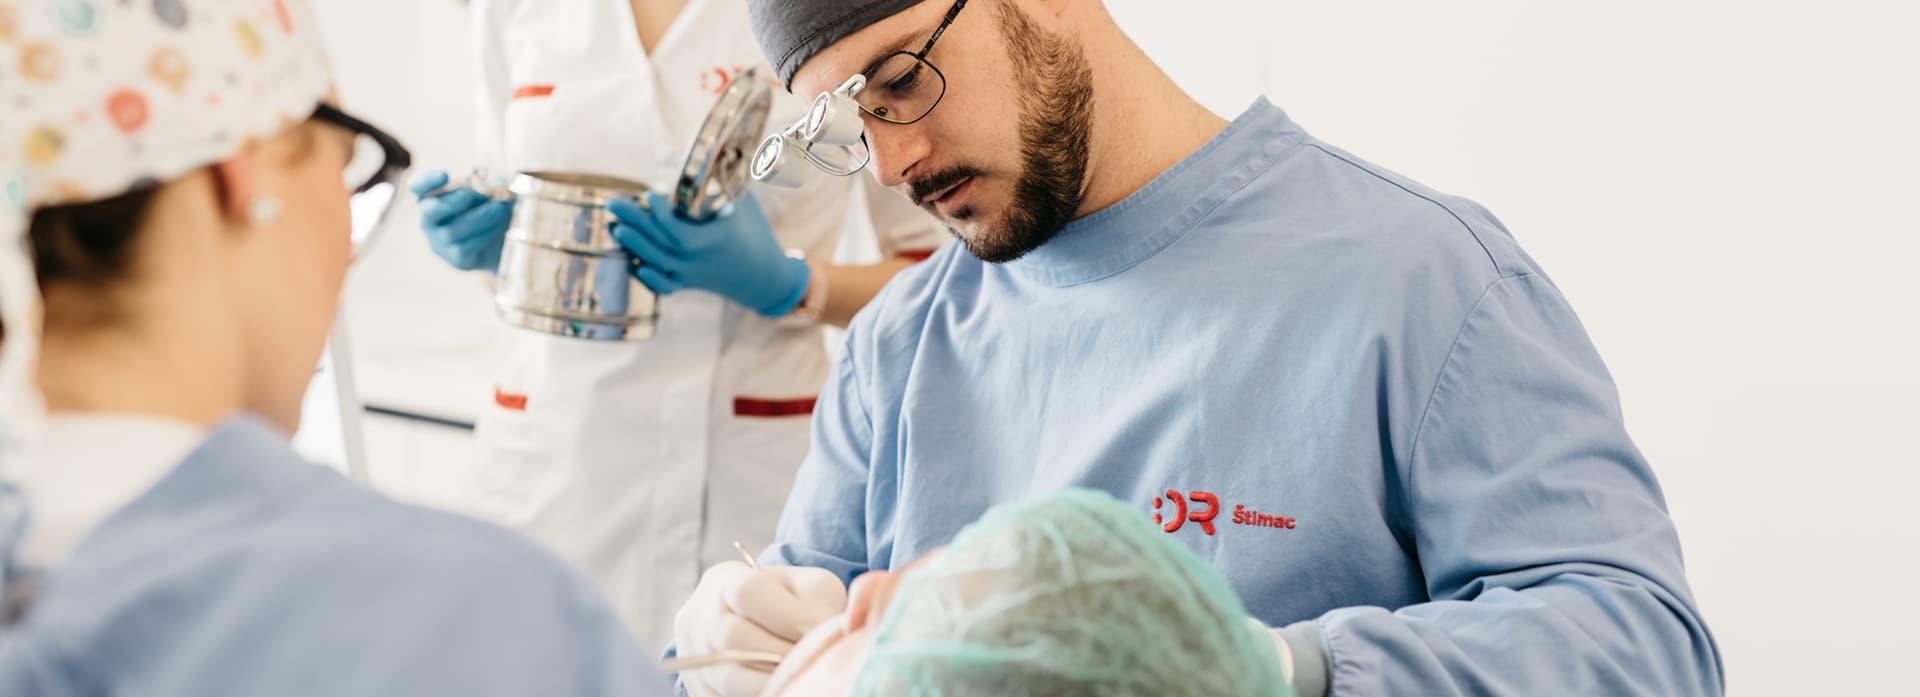 Oralna kirurgija   Štimac Centar dentalne medicine